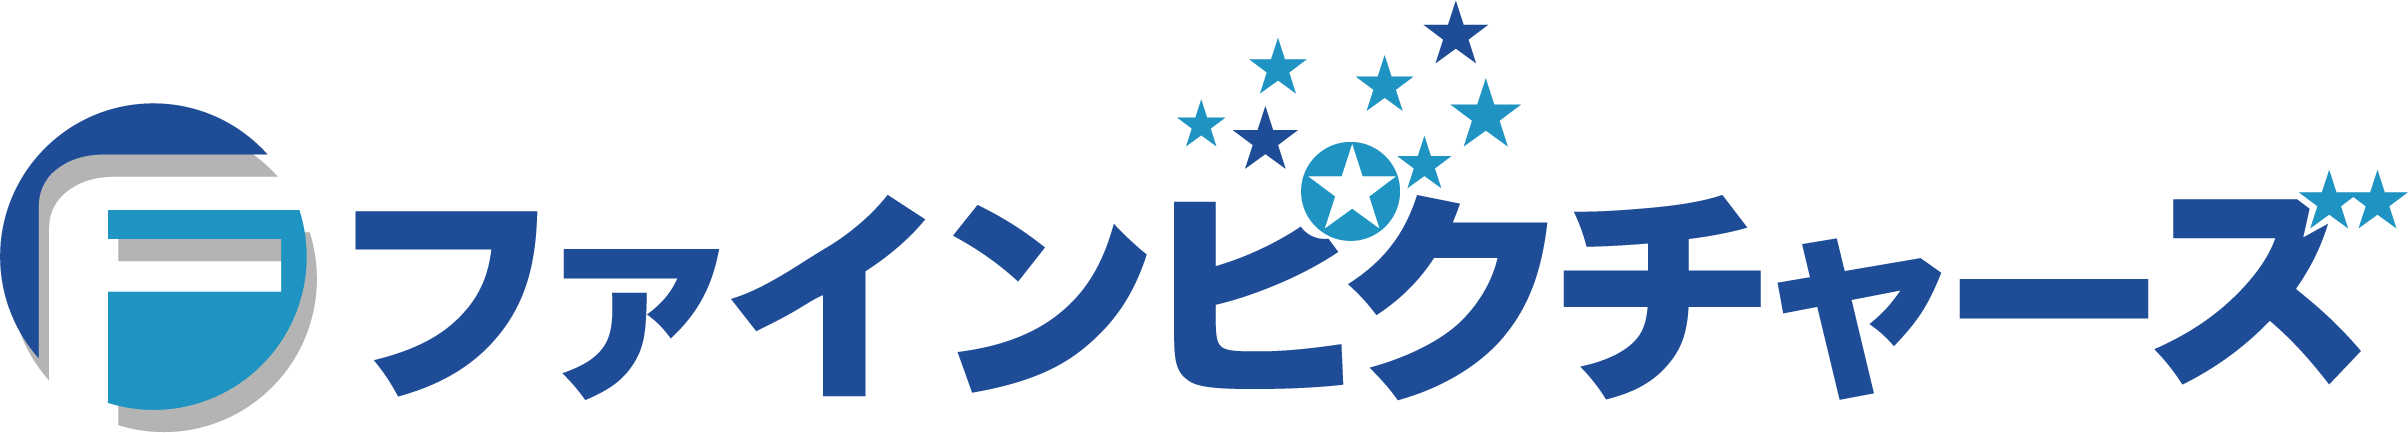 株式会社ファインピクチャーズ